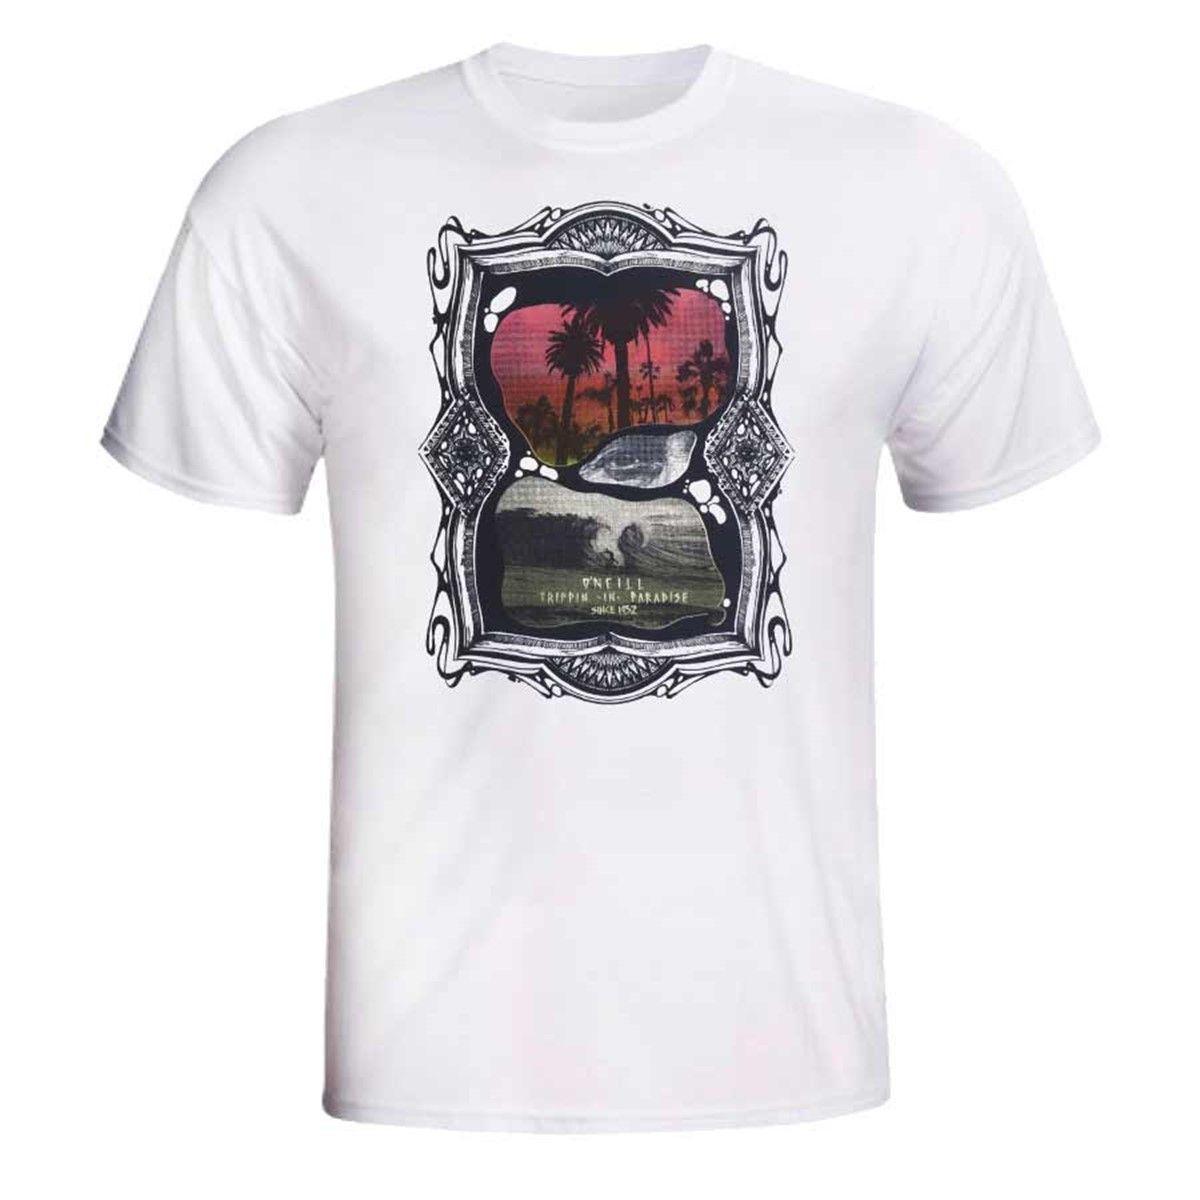 Camiseta O'Neill Apocalypse Mescla White